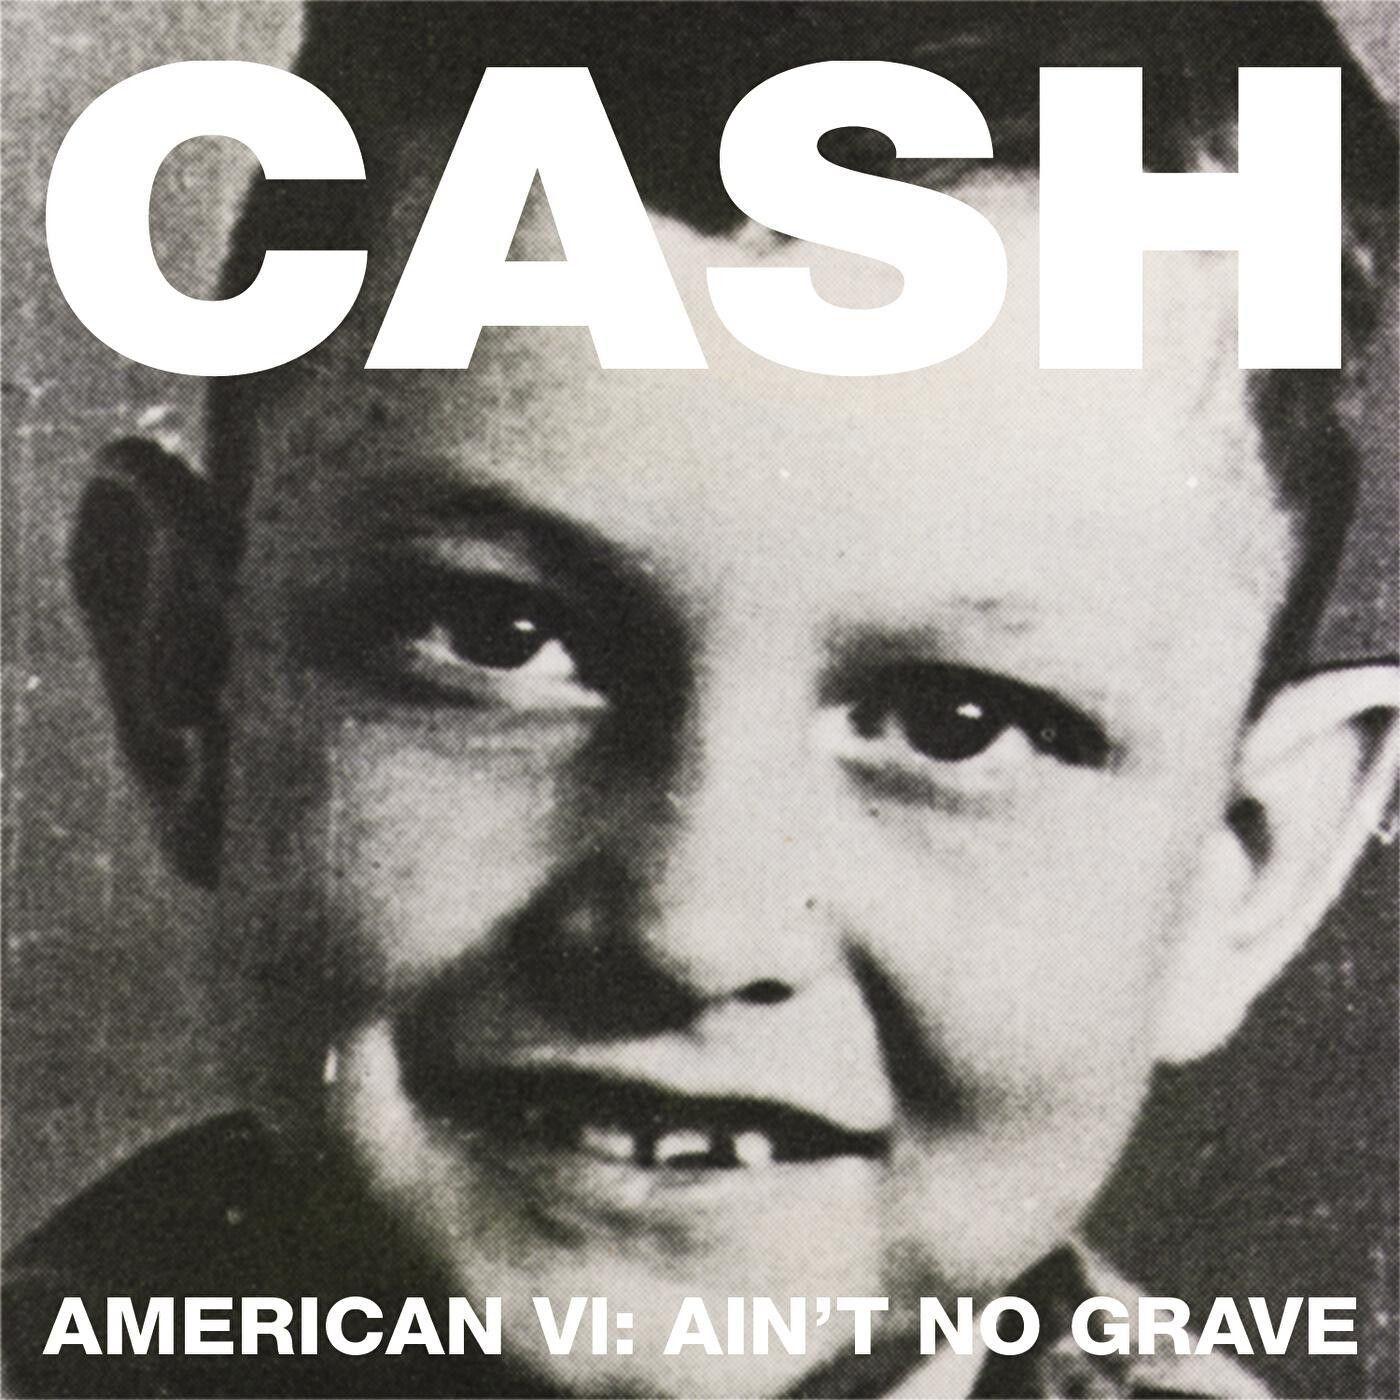 Johnny Cash - American VI: Ain't No Grave album cover